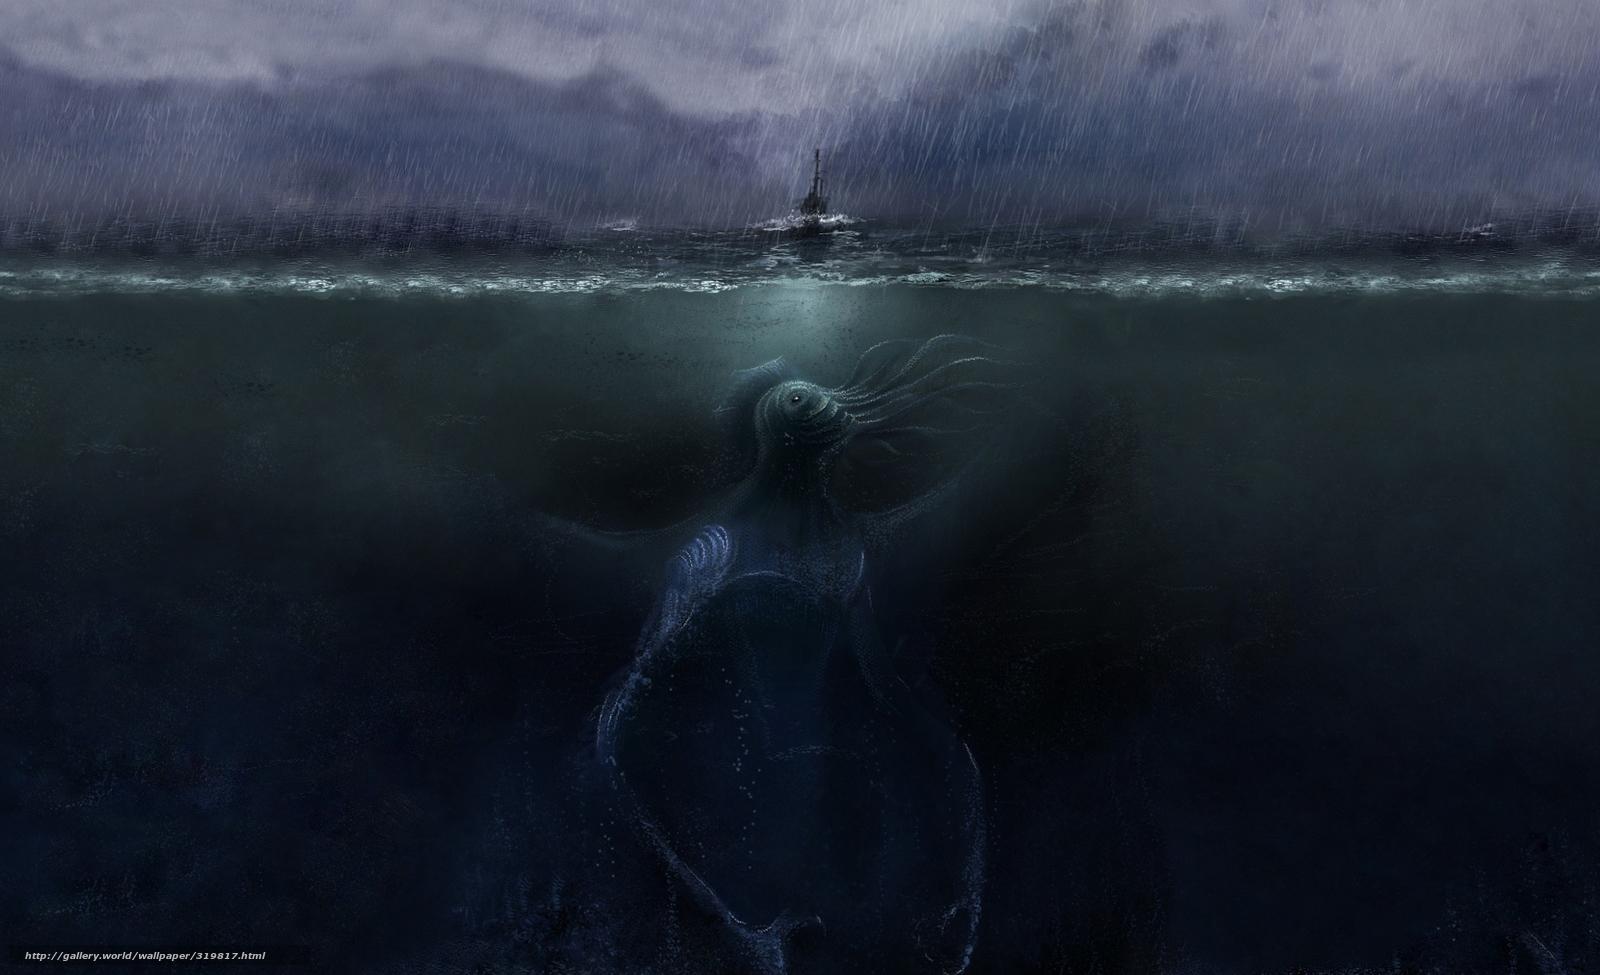 壁紙 クトゥルフ 海 暗い ボート 雨 嵐 デスクトップ 画像番号